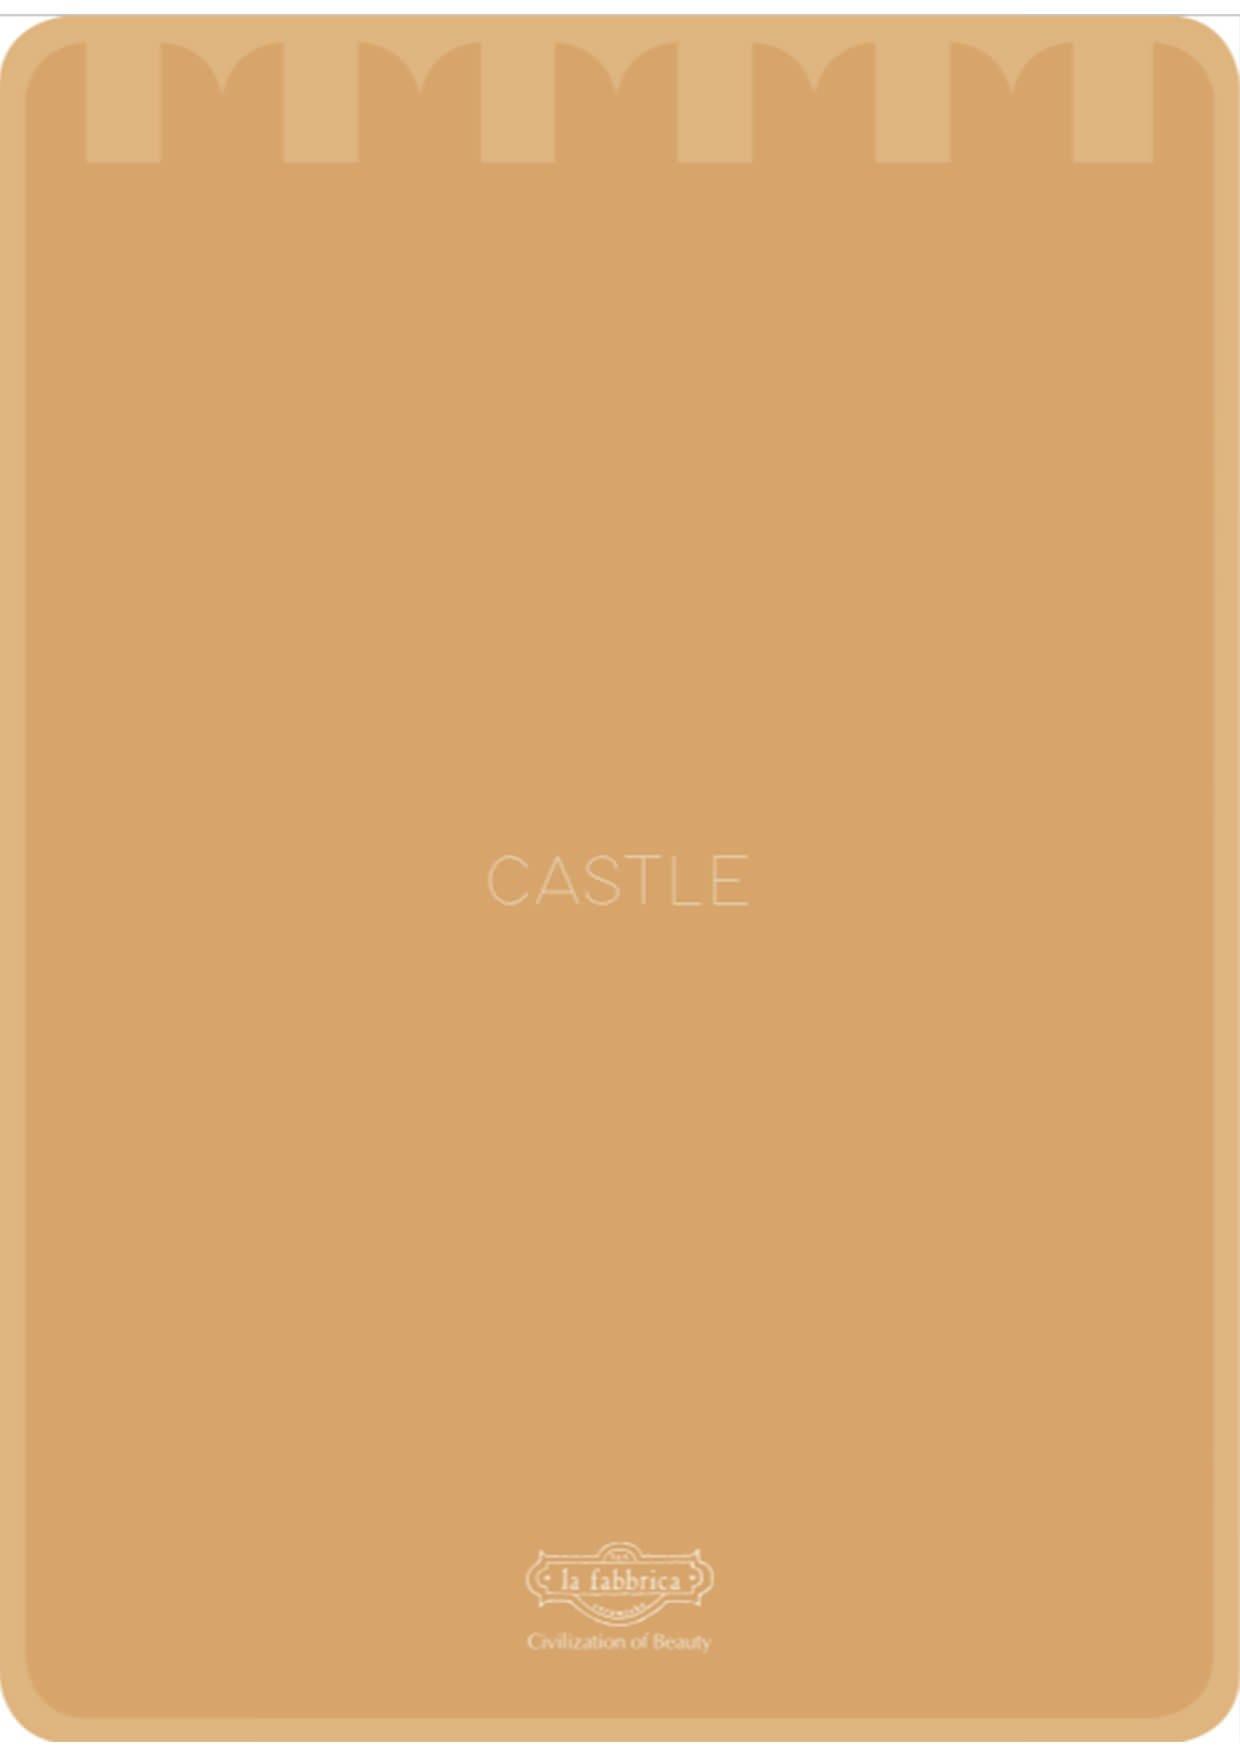 La Fabbrica Catalogo Castle